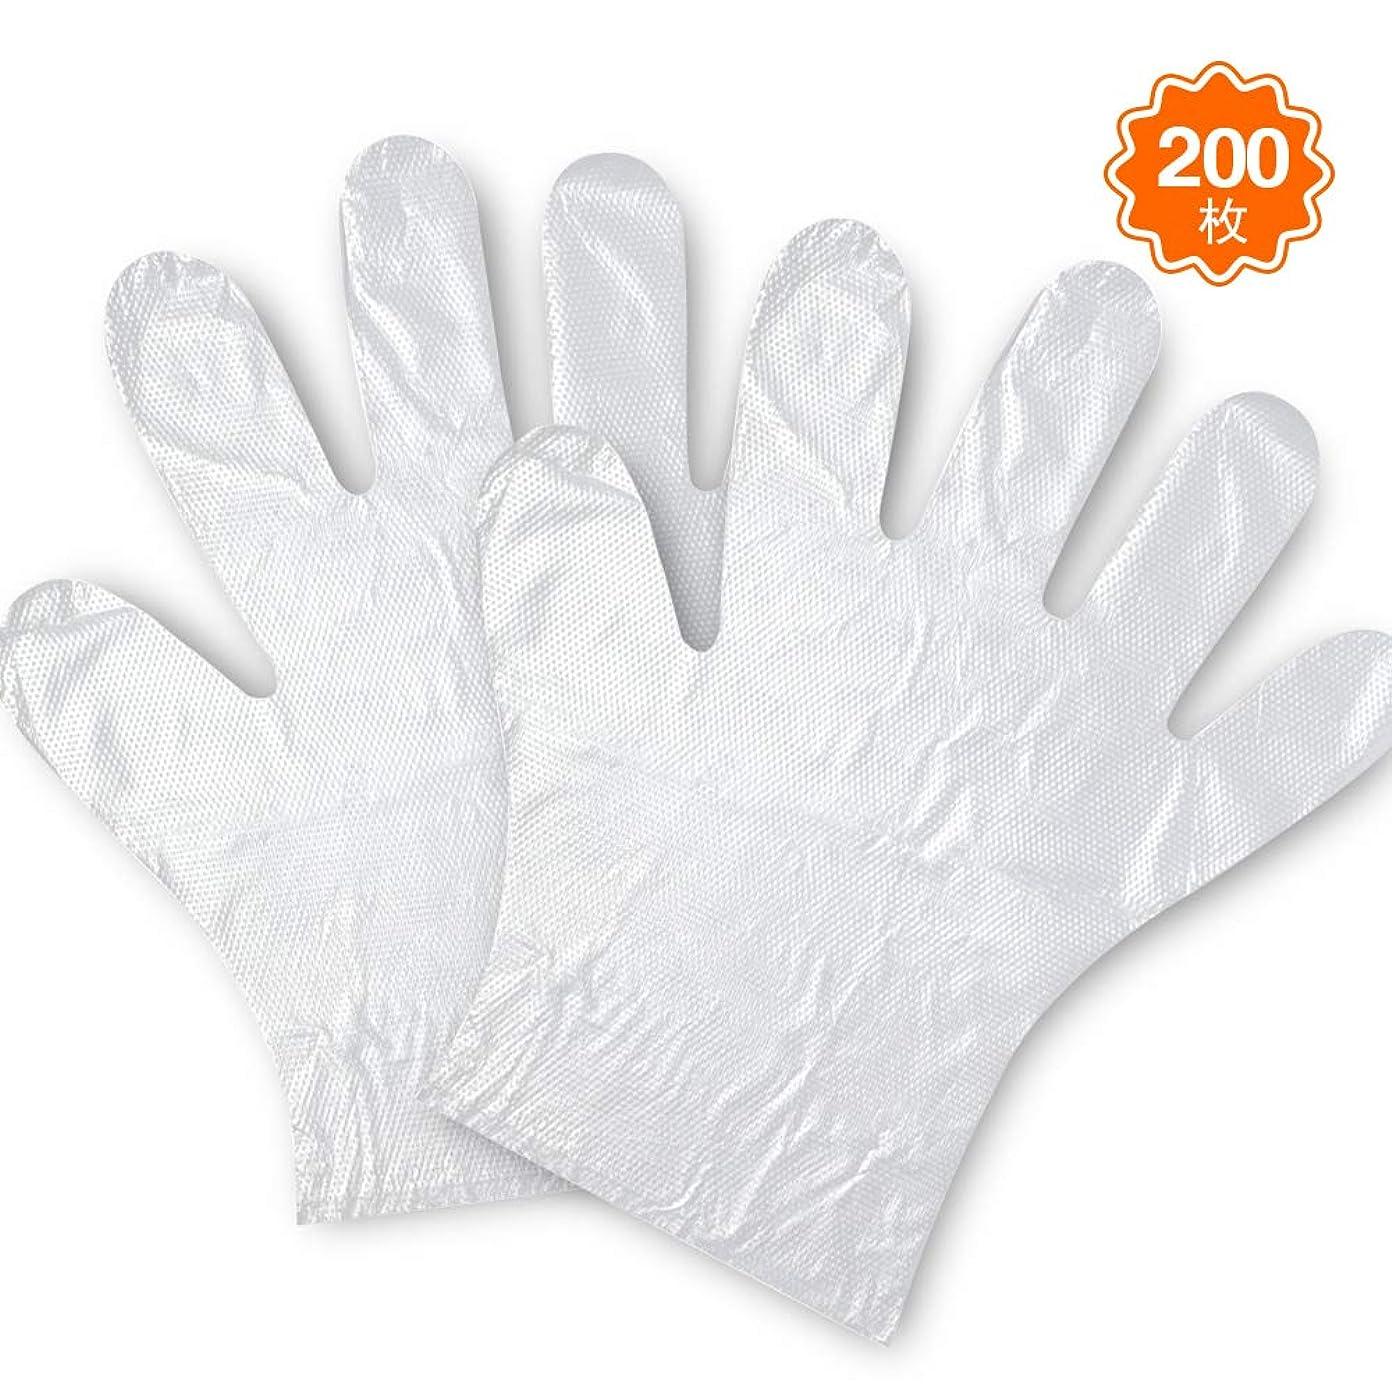 吐き出すセールペンダントFanDaMei 使い捨てポリ手袋 200枚 使いきり手袋 ポリエチレン 使い捨て手袋 極薄手袋 調理に?お掃除に?毛染めに 食品衛生法適合